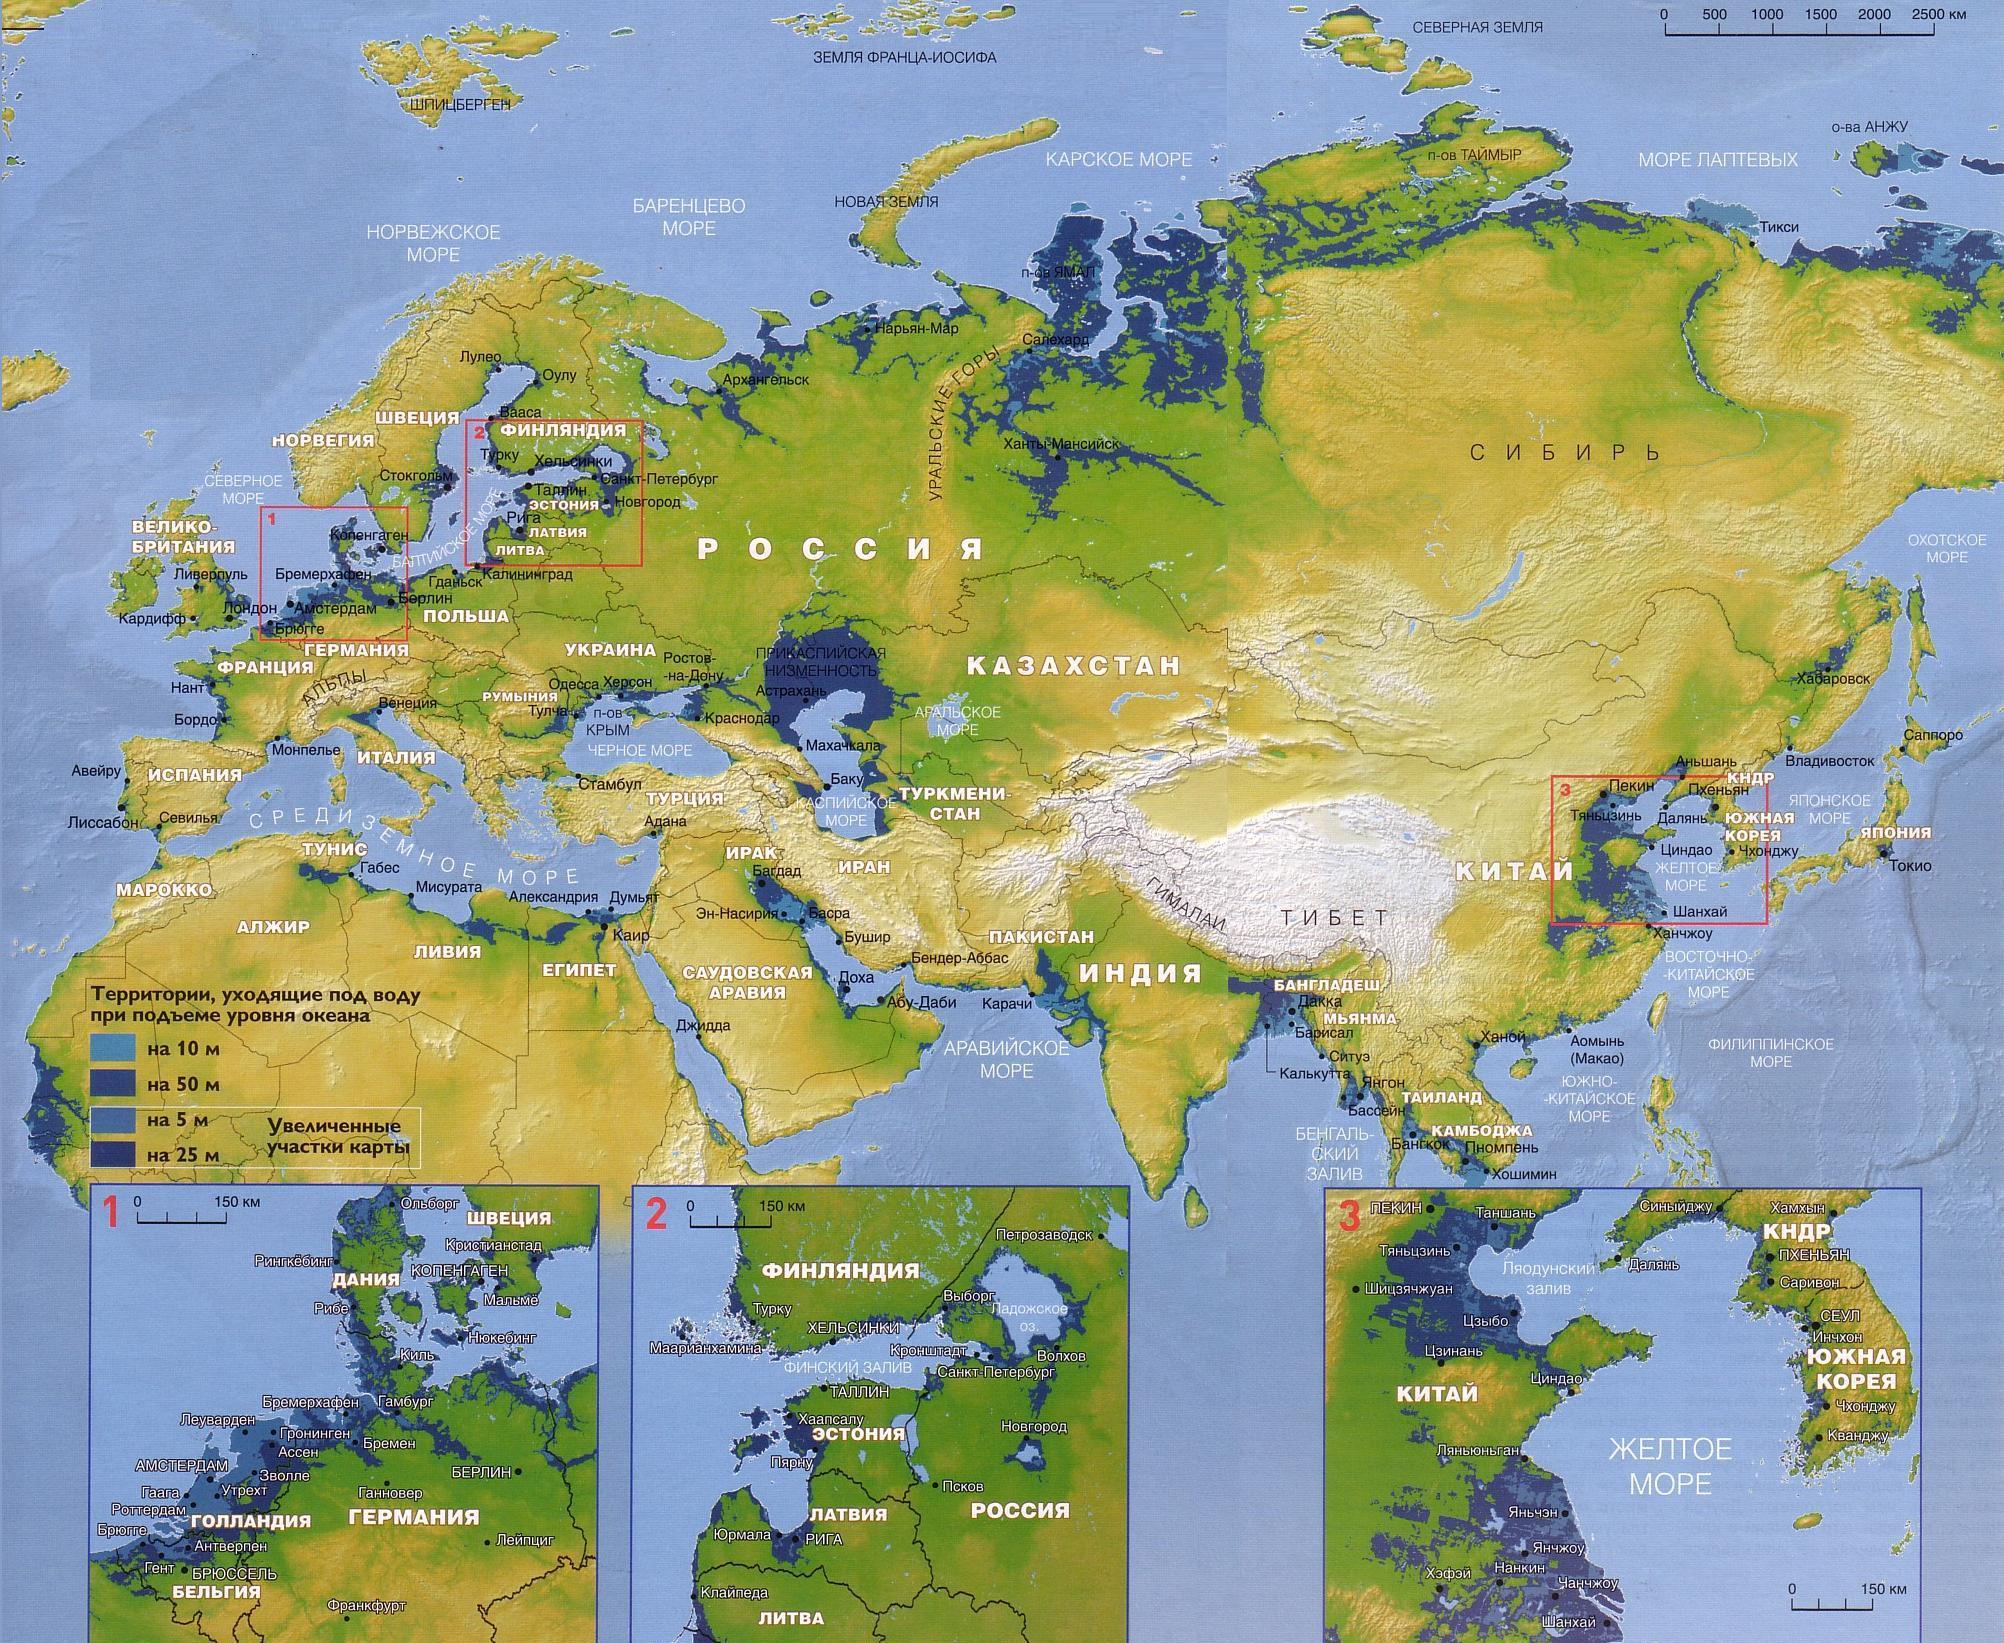 Карта затопления регионов при